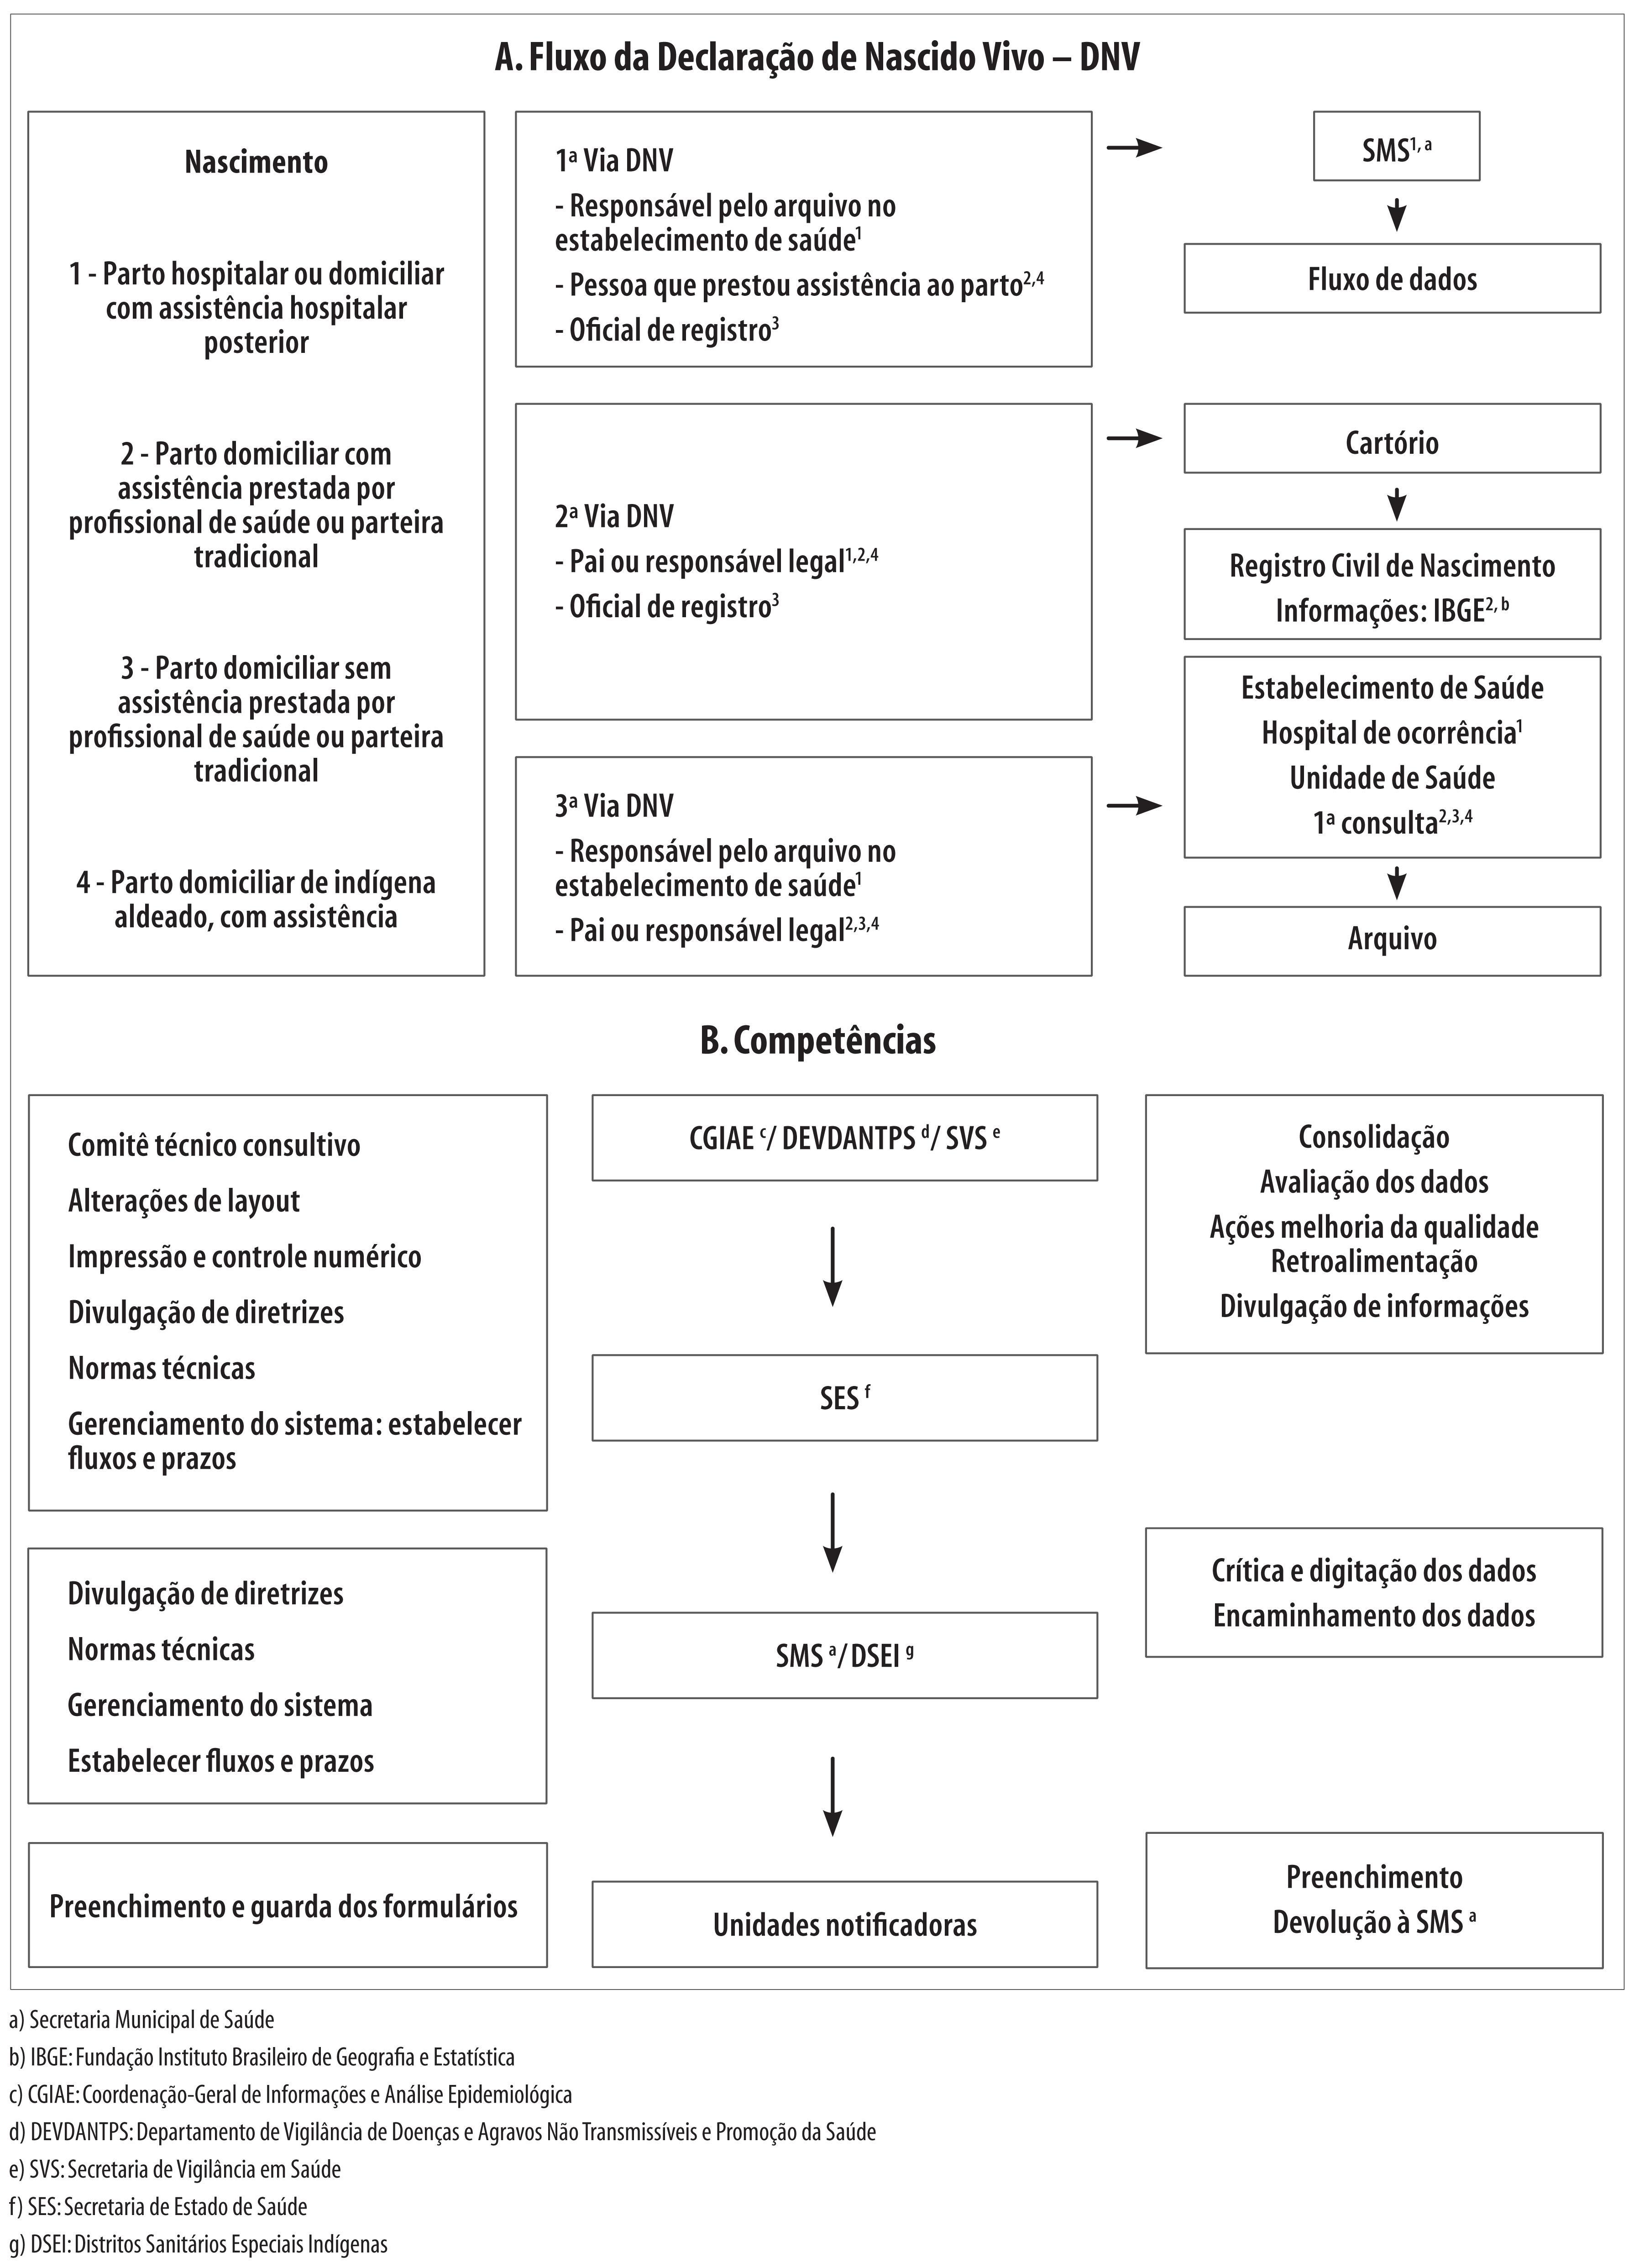 Figura 1 Descrição do fluxo da Declaração de Nascido Vivo (DNV) e  competências do Sistema de Informações sobre Nascidos Vivos (Sinasc). Brasil 40ab206cfdf03